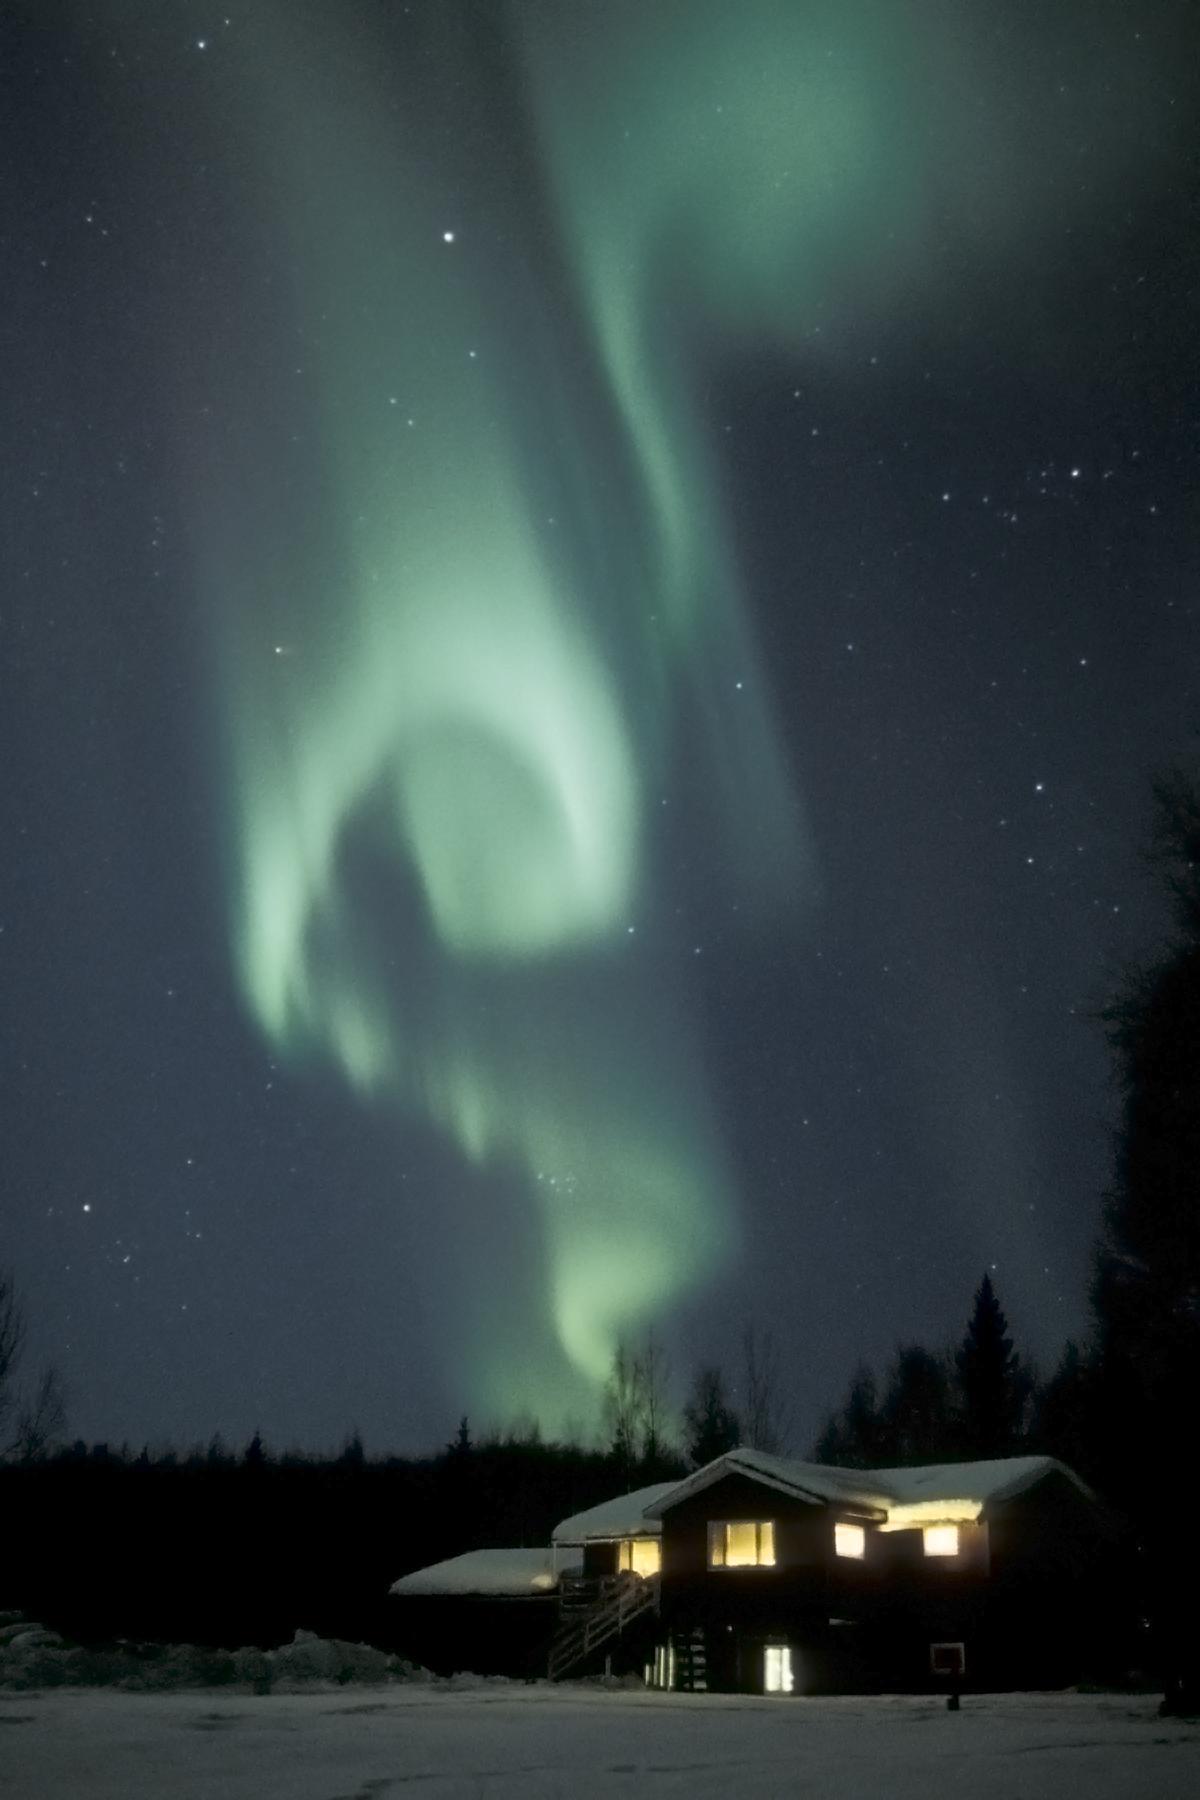 2000 Μάρτιος. Βόρειο Σέλας. Αλάσκα